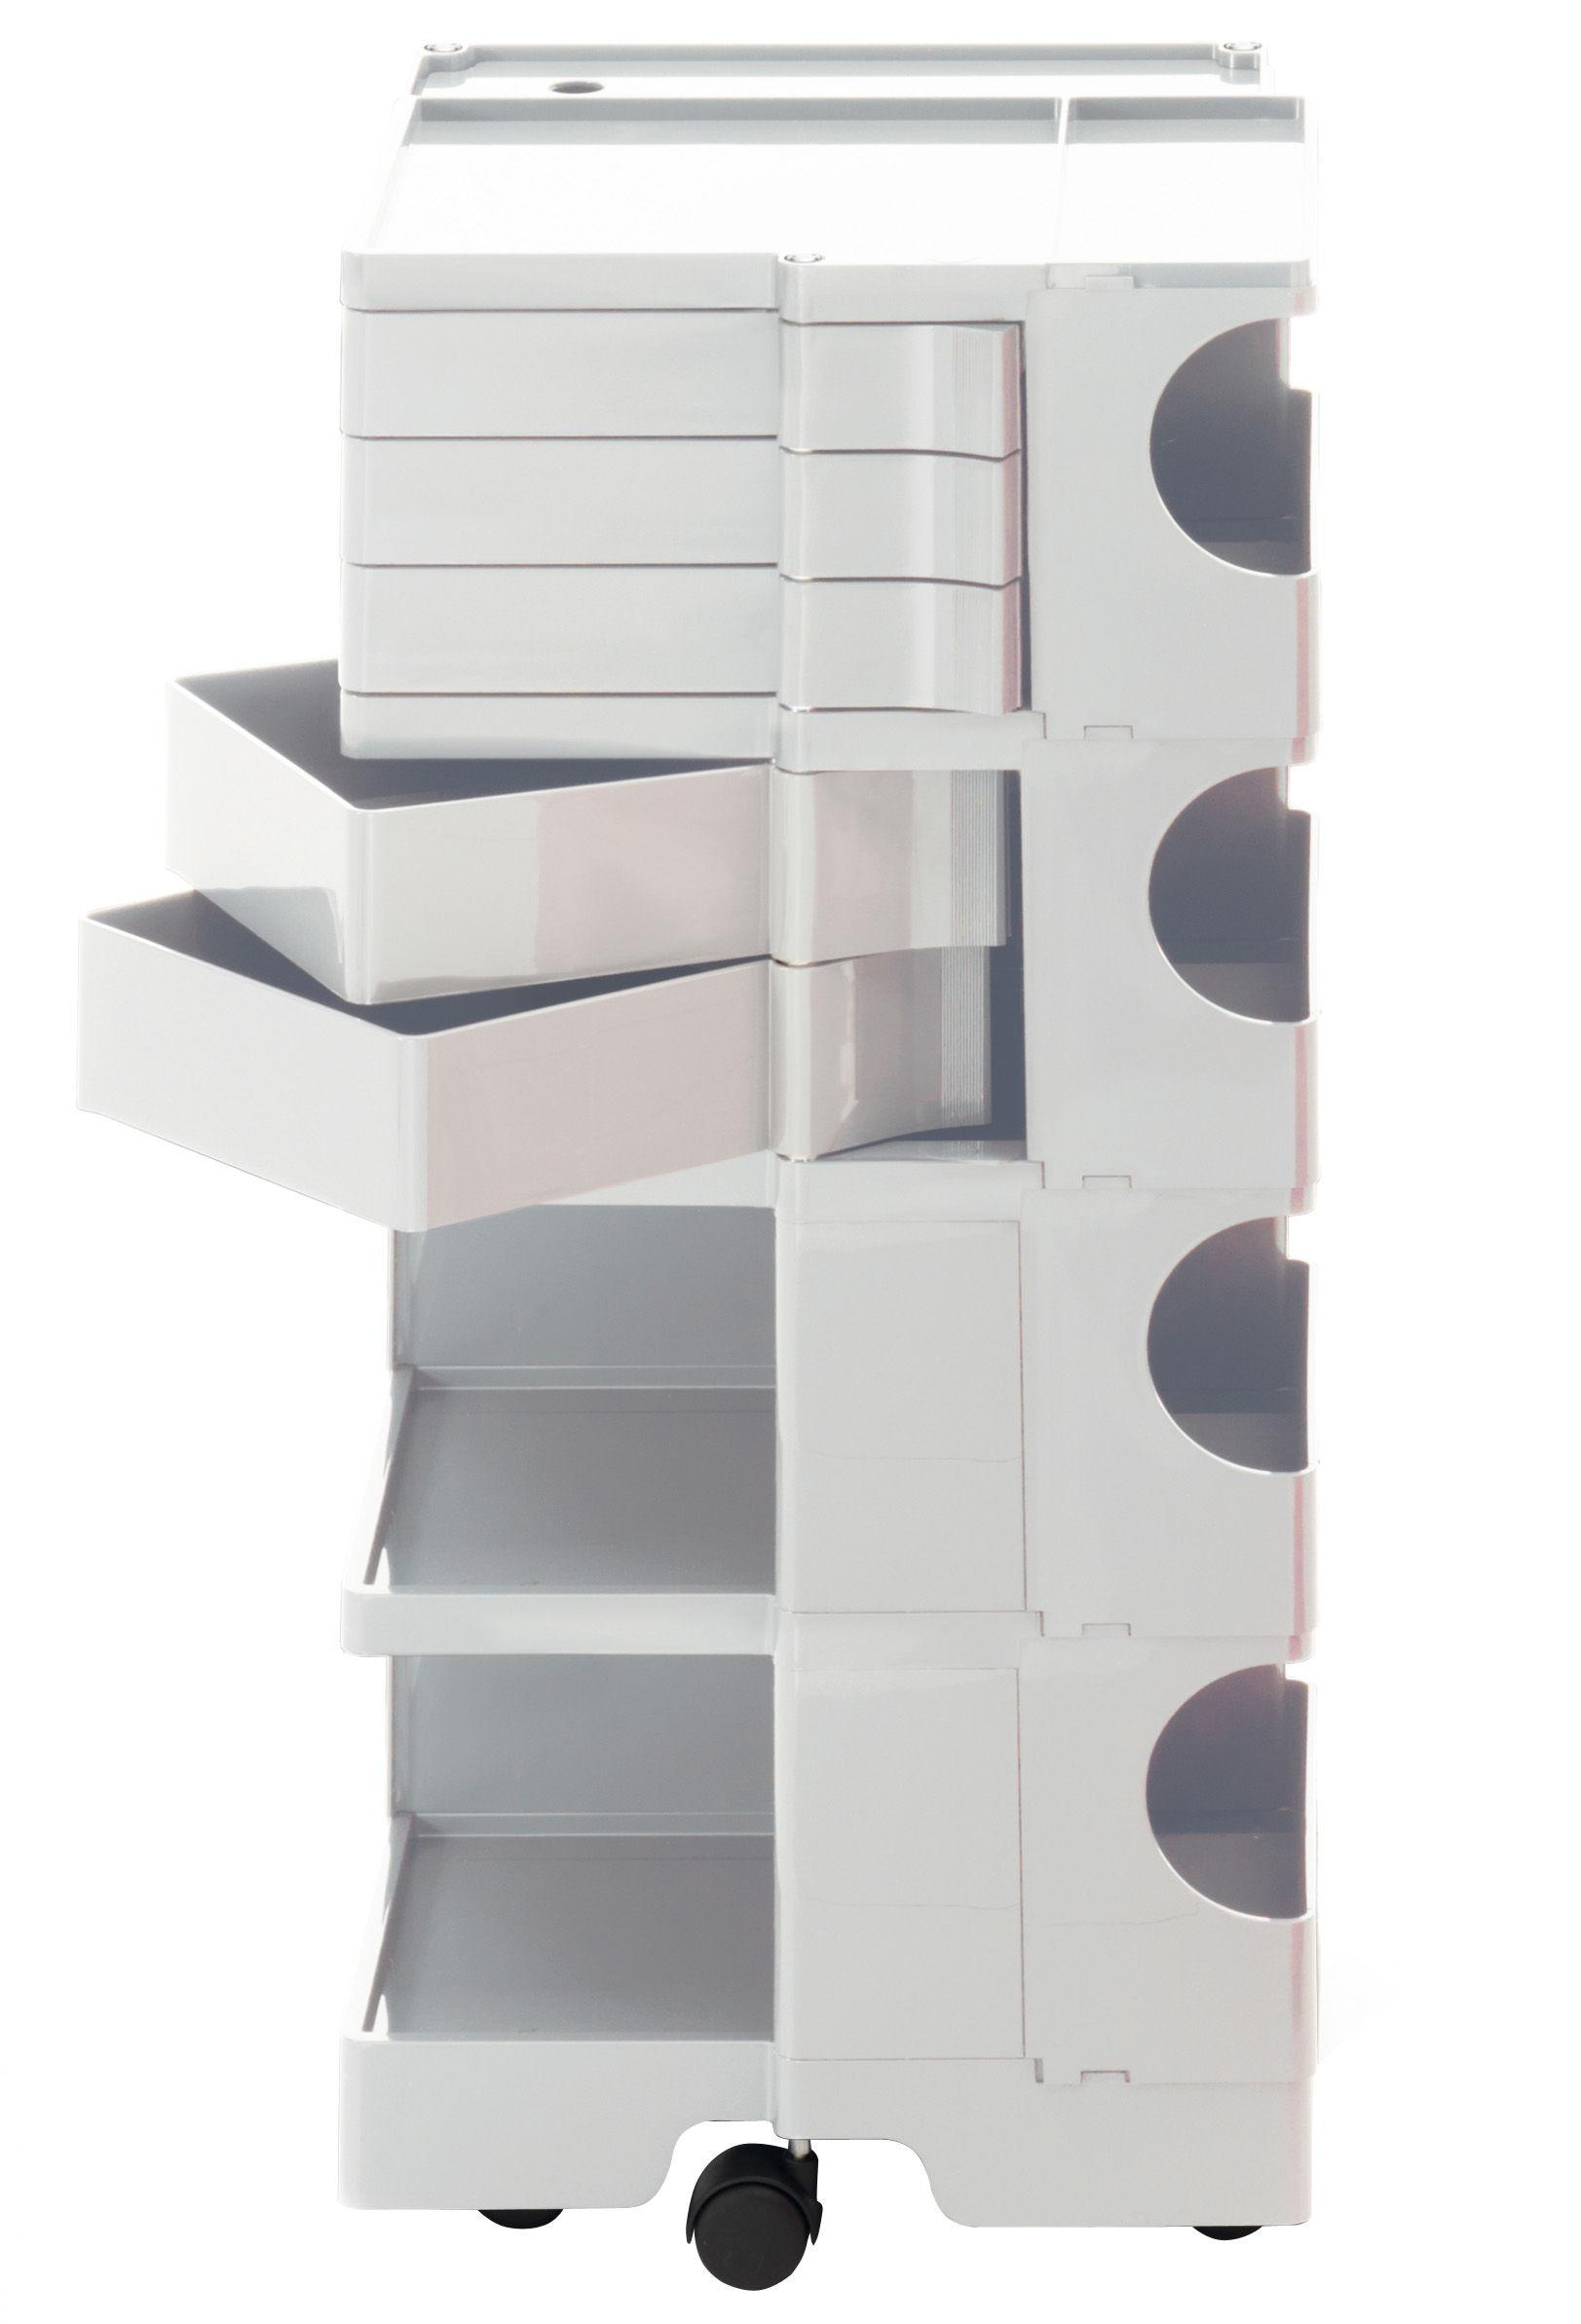 Möbel - Beistell-Möbel - Boby Ablage / H 94 cm - 5 Schubladen - B-LINE - Weiß - ABS